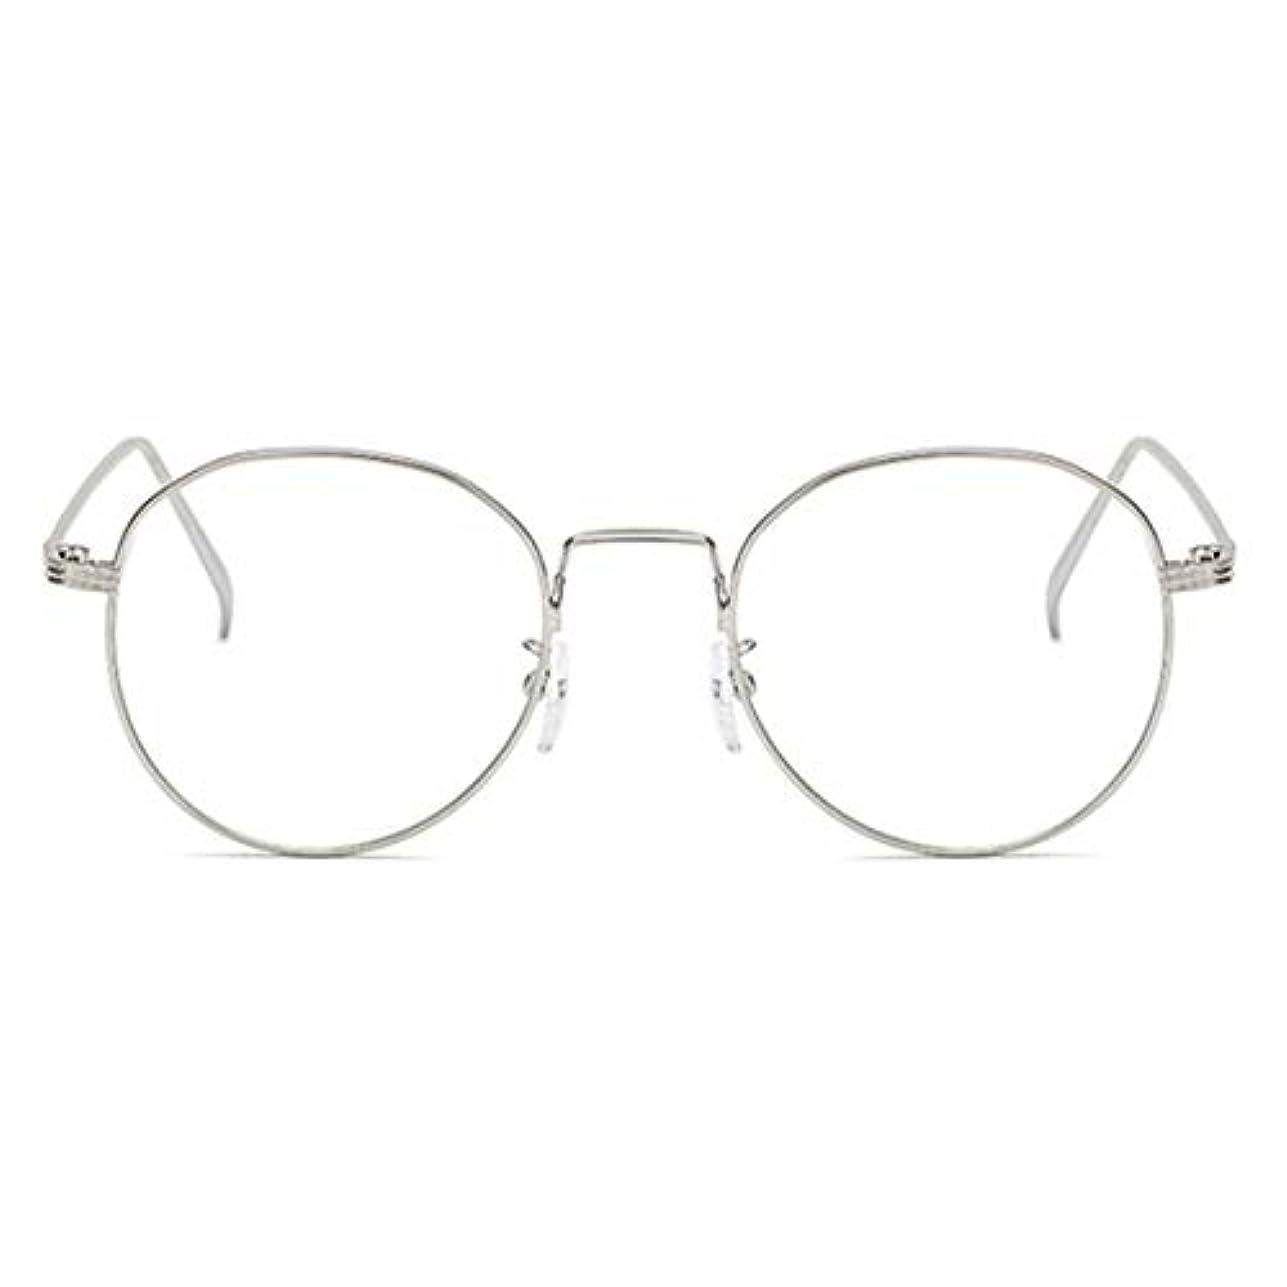 うつはっきりしない蛾丸型アンチブルーライト男性女性メガネ軽量金属フレームプレーンミラーレンズアイウェアメガネ-シルバー